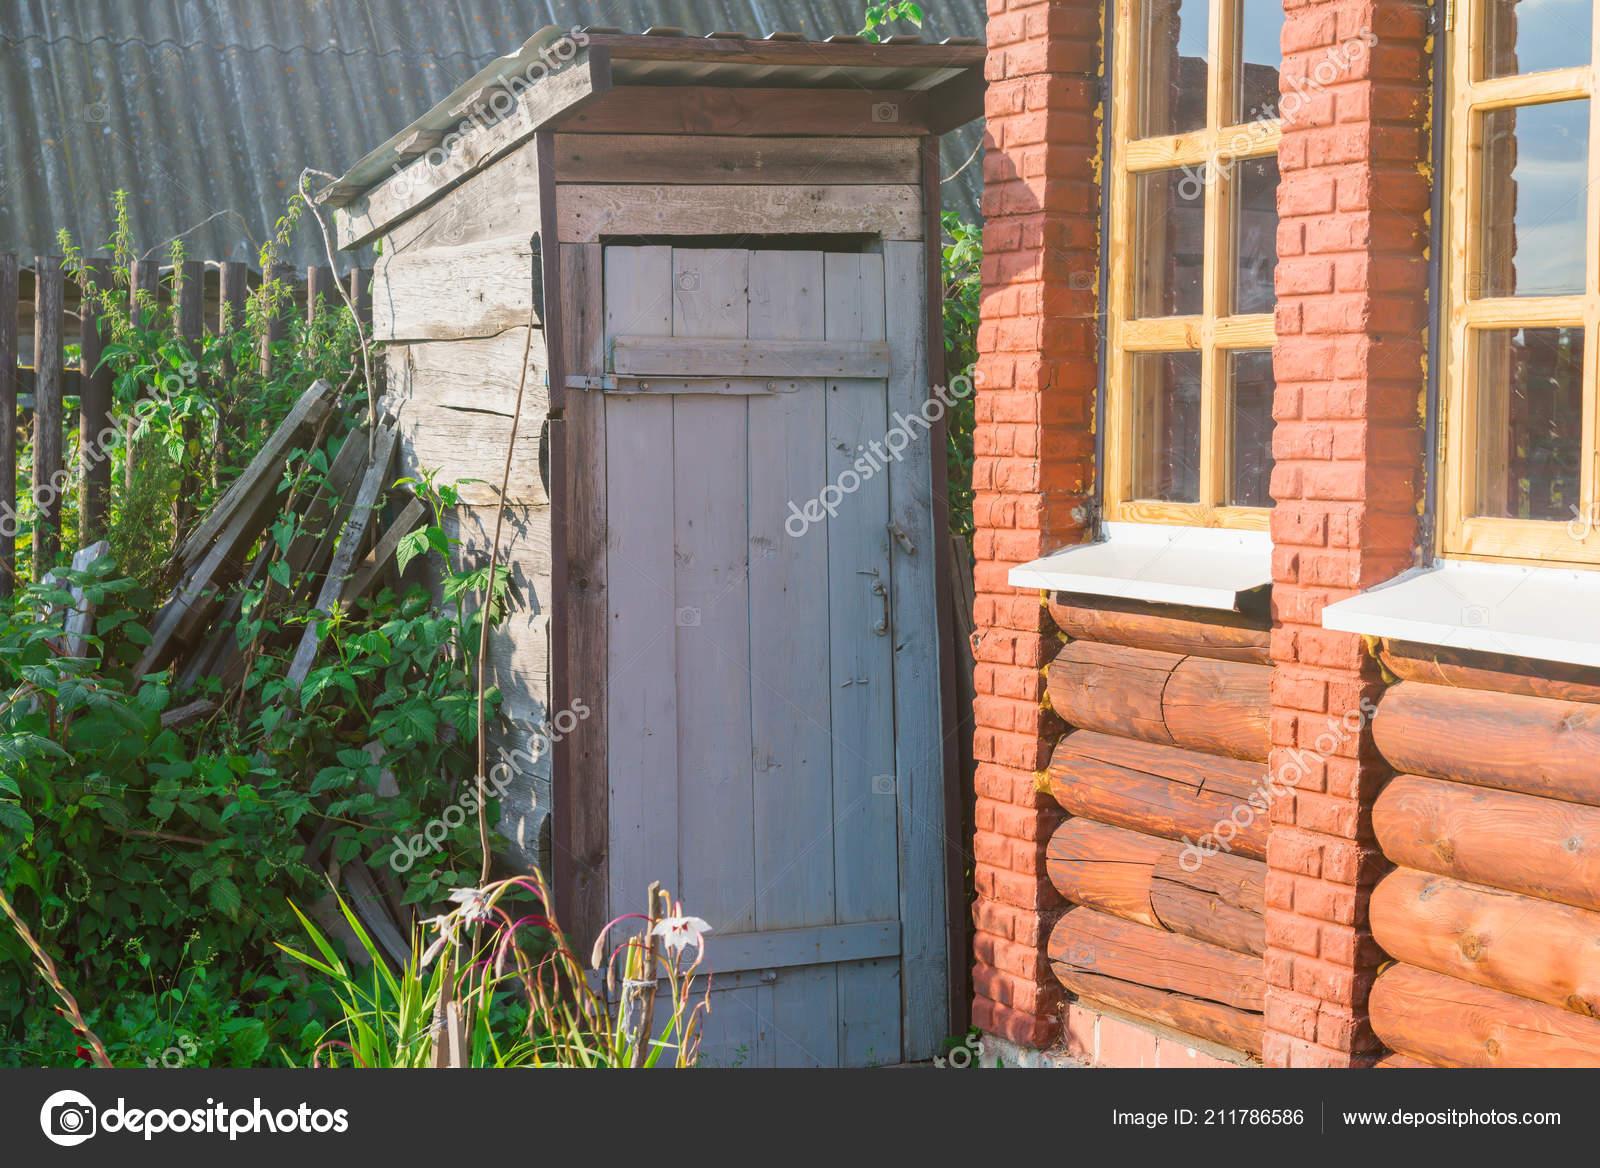 Alte Hölzerne Toilette Im Garten Stockfoto Pike 28 211786586